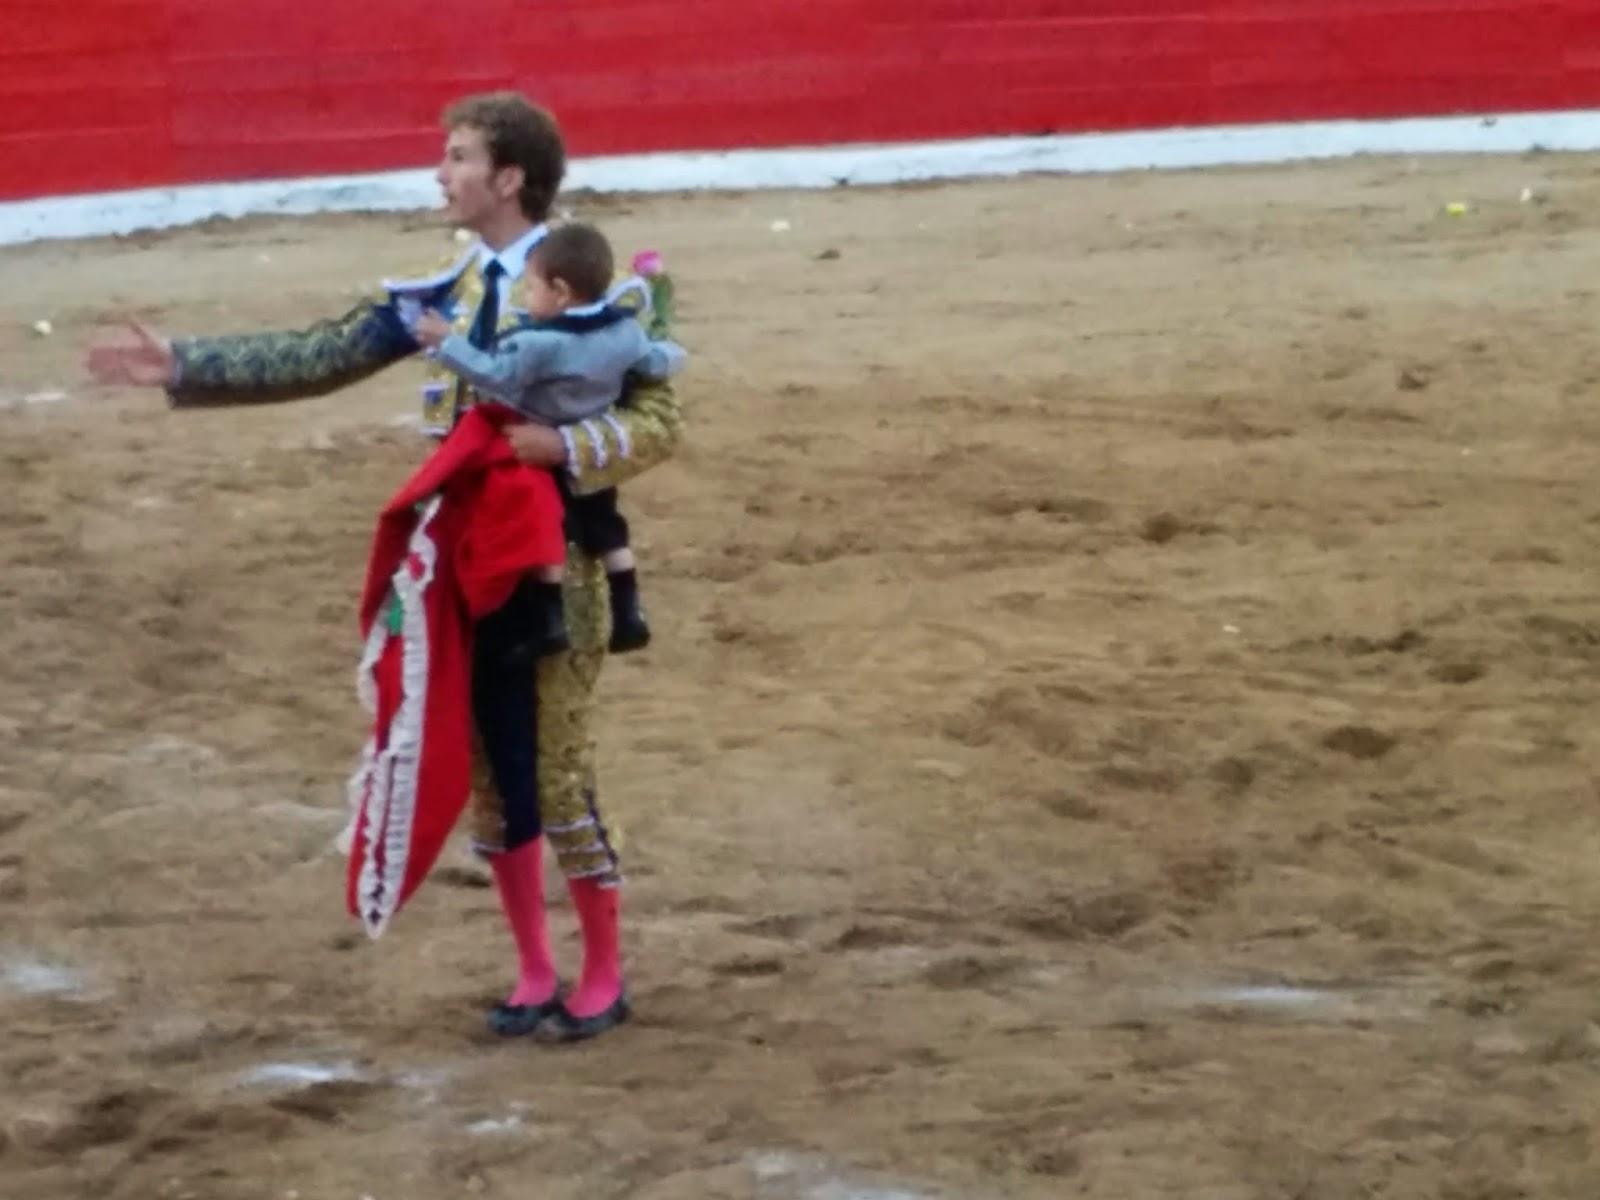 bullfighter - san miguel el alto, jalisco - photo by susan smith nash